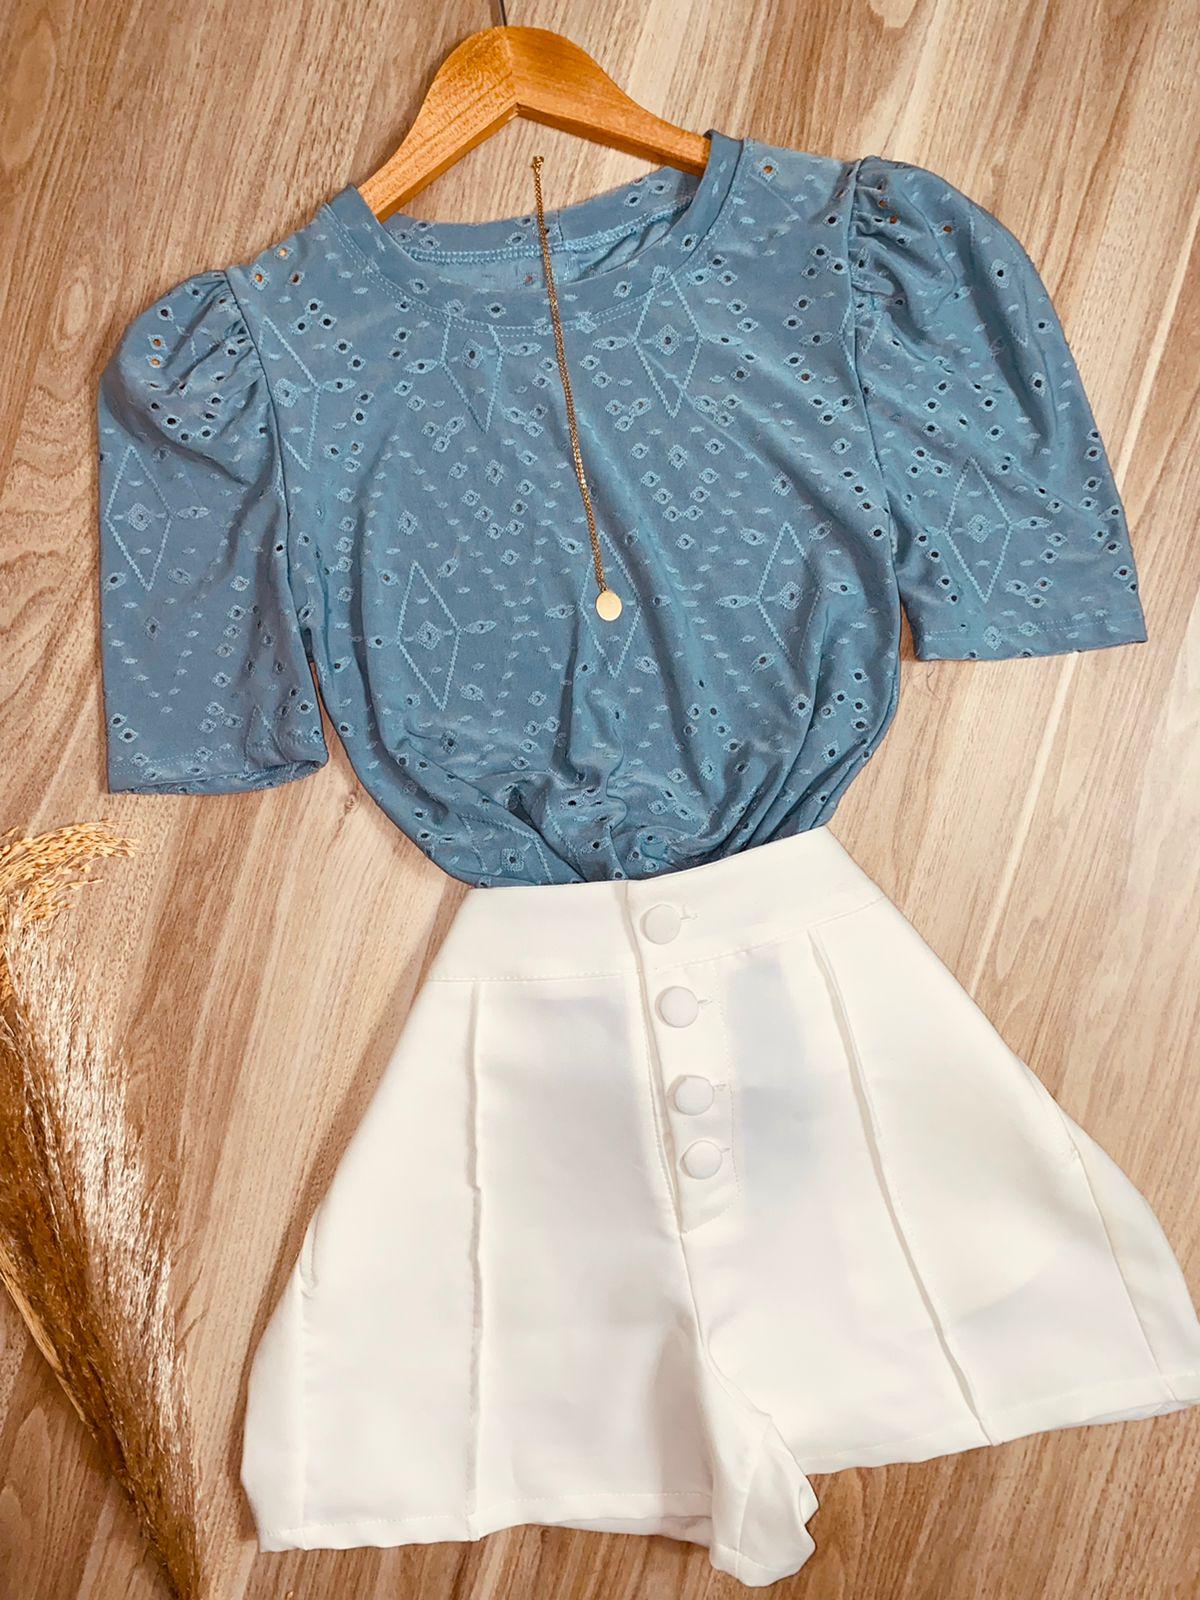 Blusa Manguinha Princesa Azul Claro